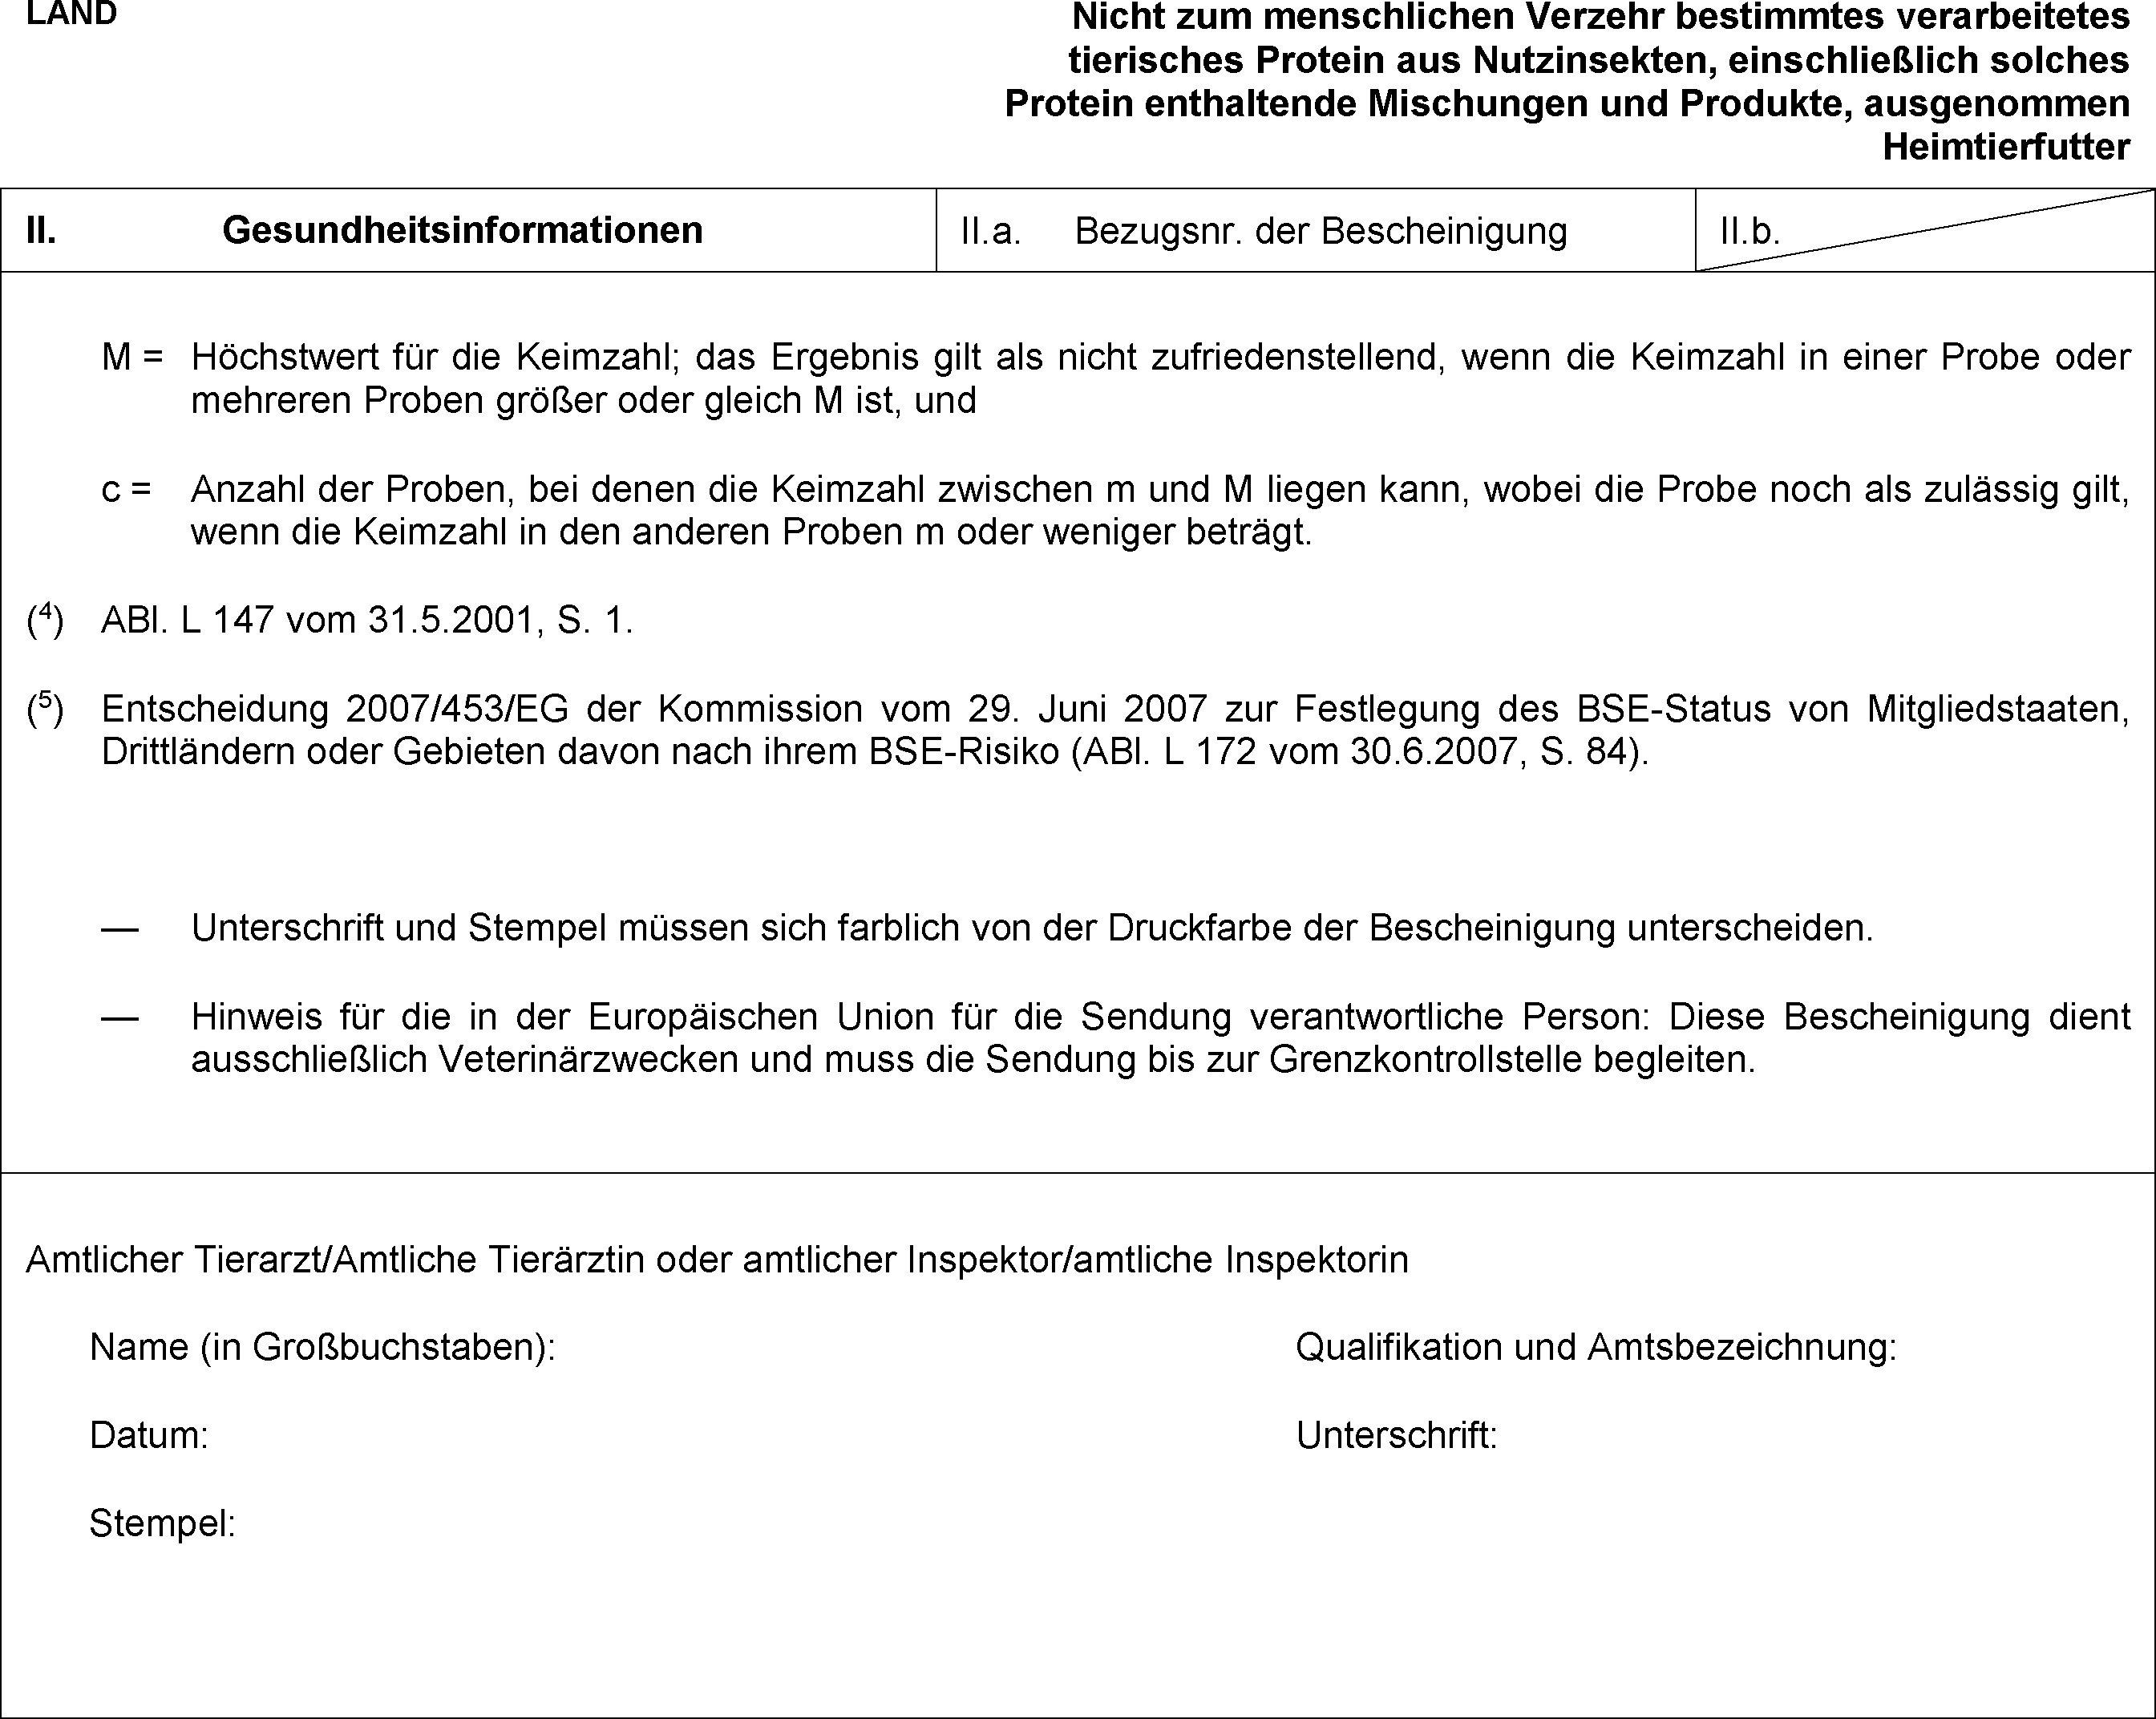 Großzügig Pro Wiederaufnahme Proben Zeitgenössisch - Entry Level ...